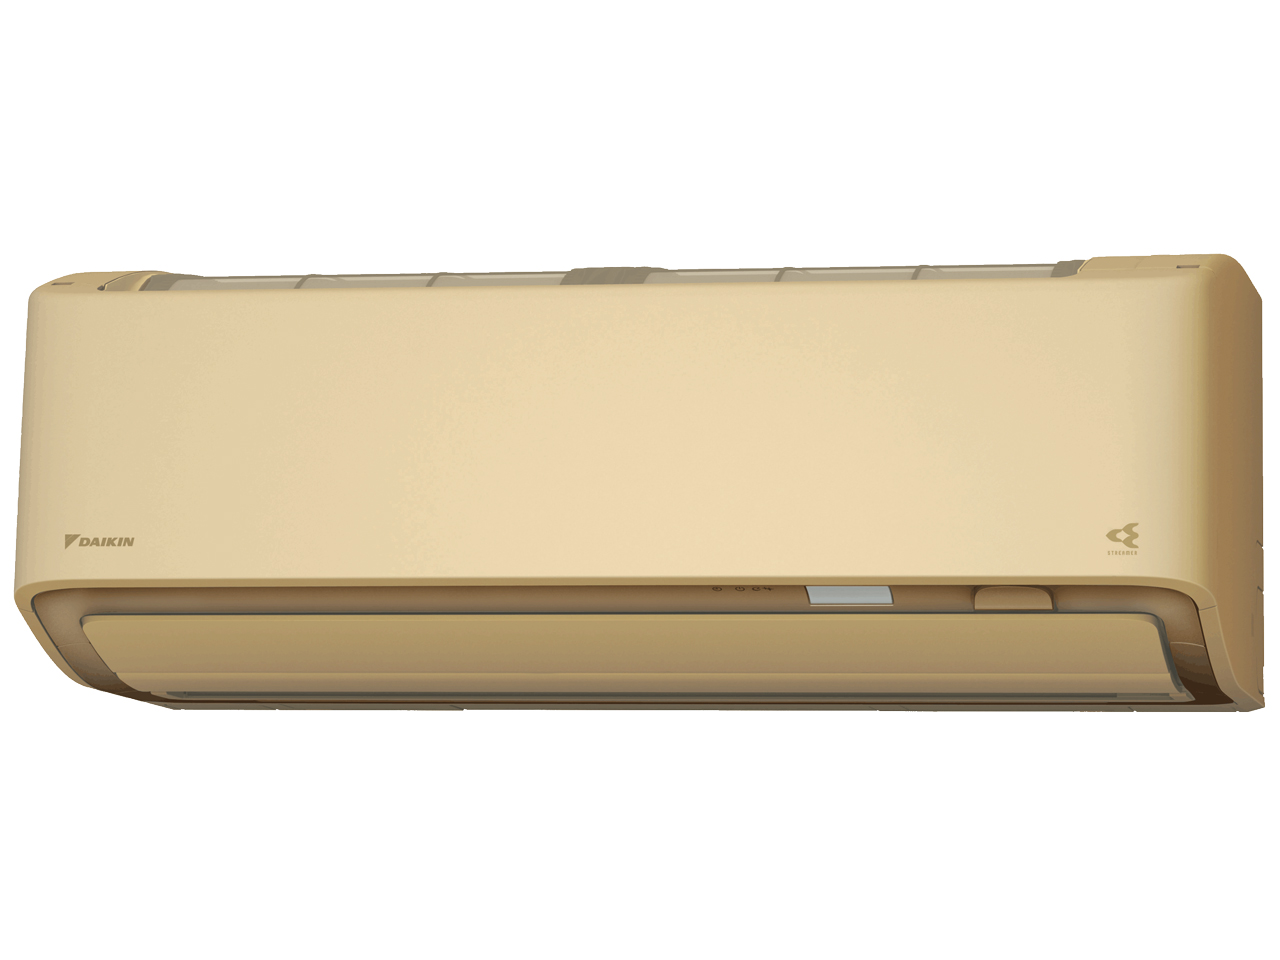 最大の割引 ダイキン 21年モデル RXシリーズ S36YTRXS-C【100V用】12畳用冷暖房除湿エアコン, 菓子工房EverGreen 4aa8a769